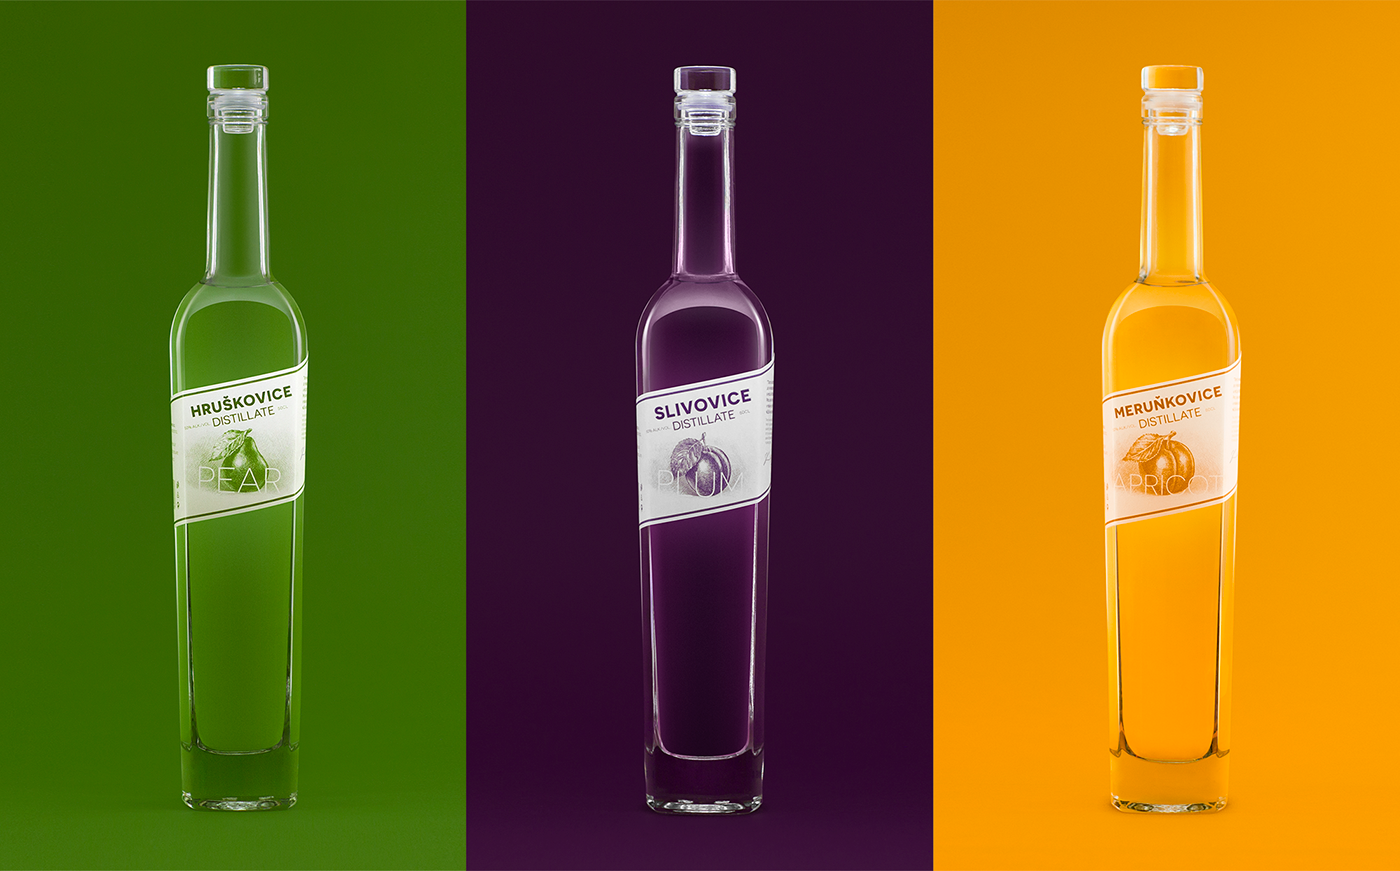 graphic design  design ILLUSTRATION  label design Packaging alcohol amoth redesign amothstudio